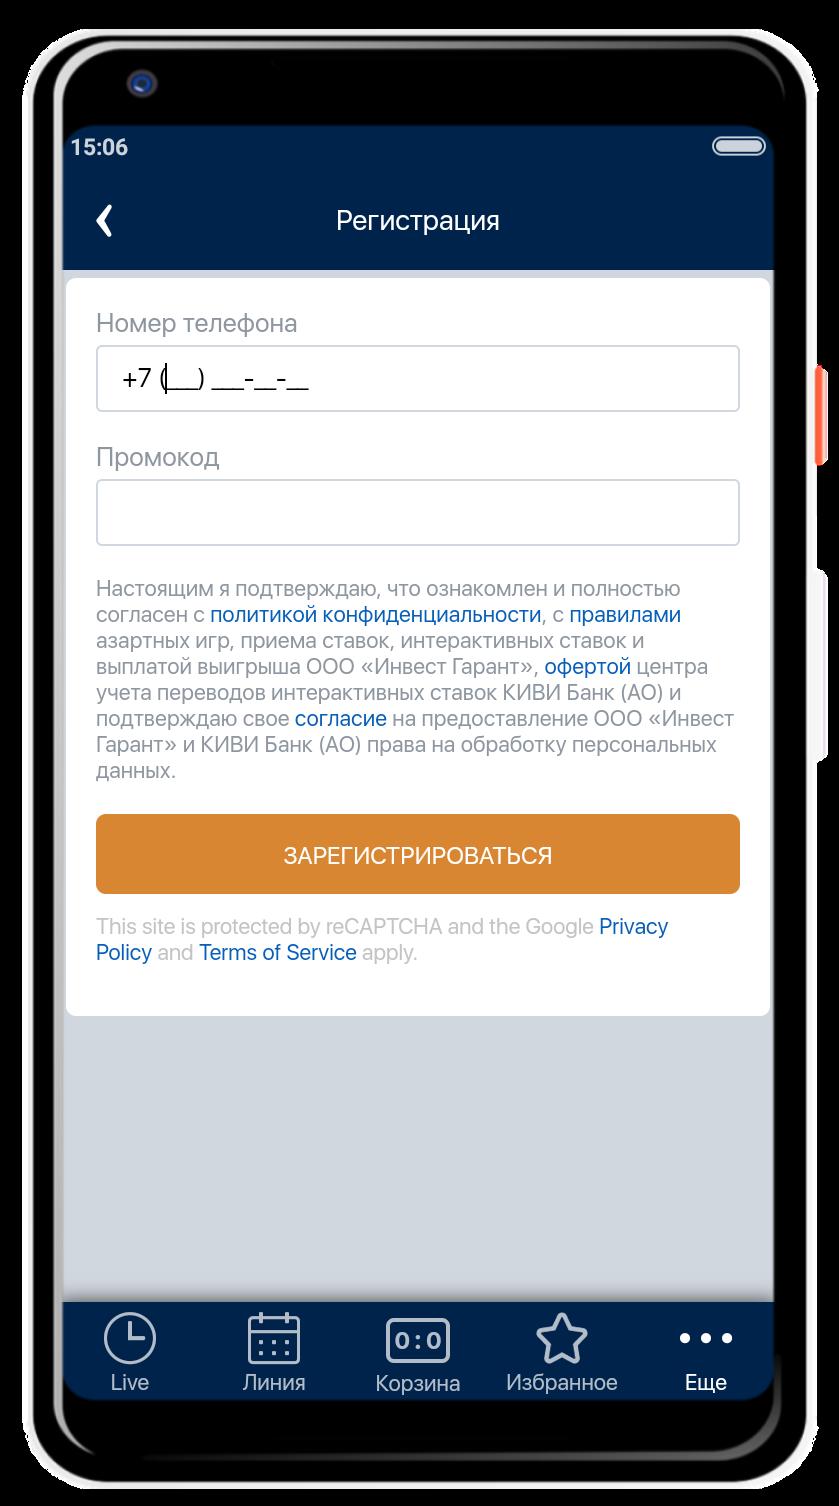 регистрация через мобильный сайт